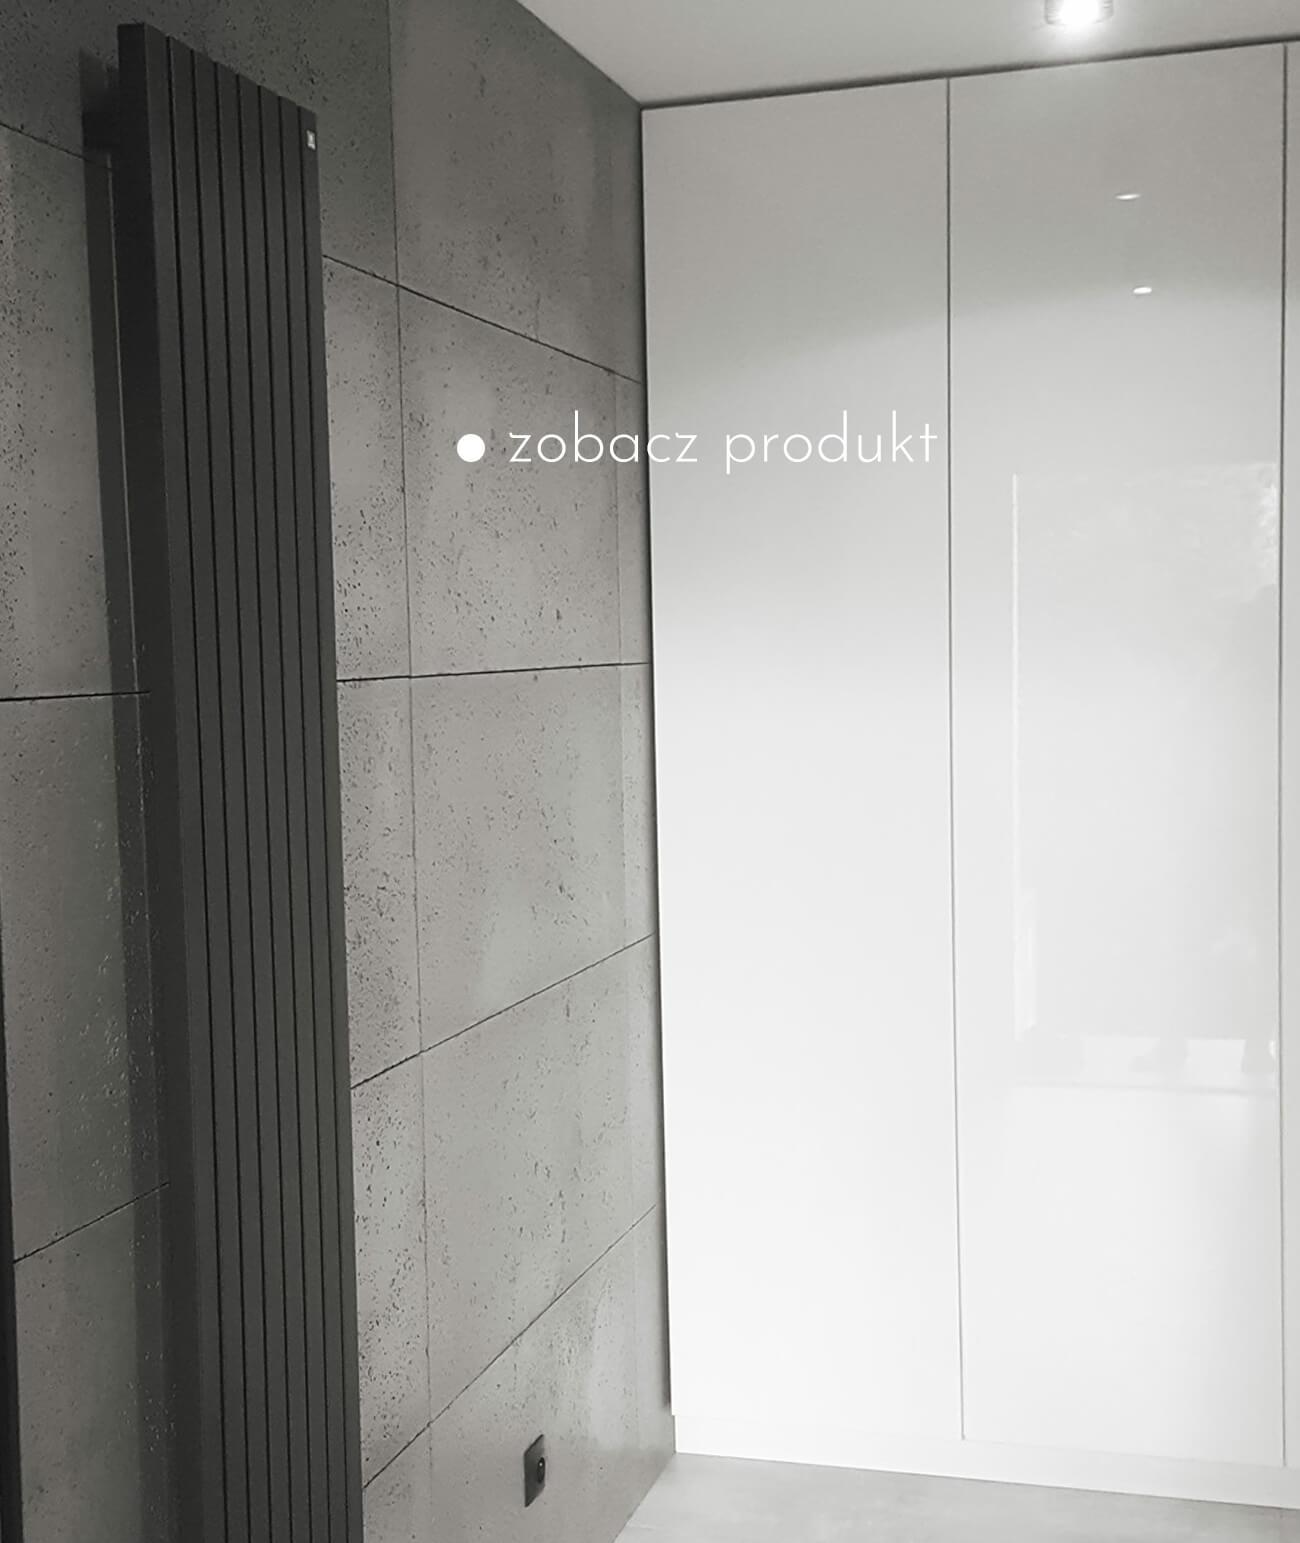 plyty-betonowe-scienne-i-elewacyjne-beton-architektoniczny_1090-23896-ds-szary---plyta-beton-architektoniczny-grc-rozne-wymiary-ultralekka